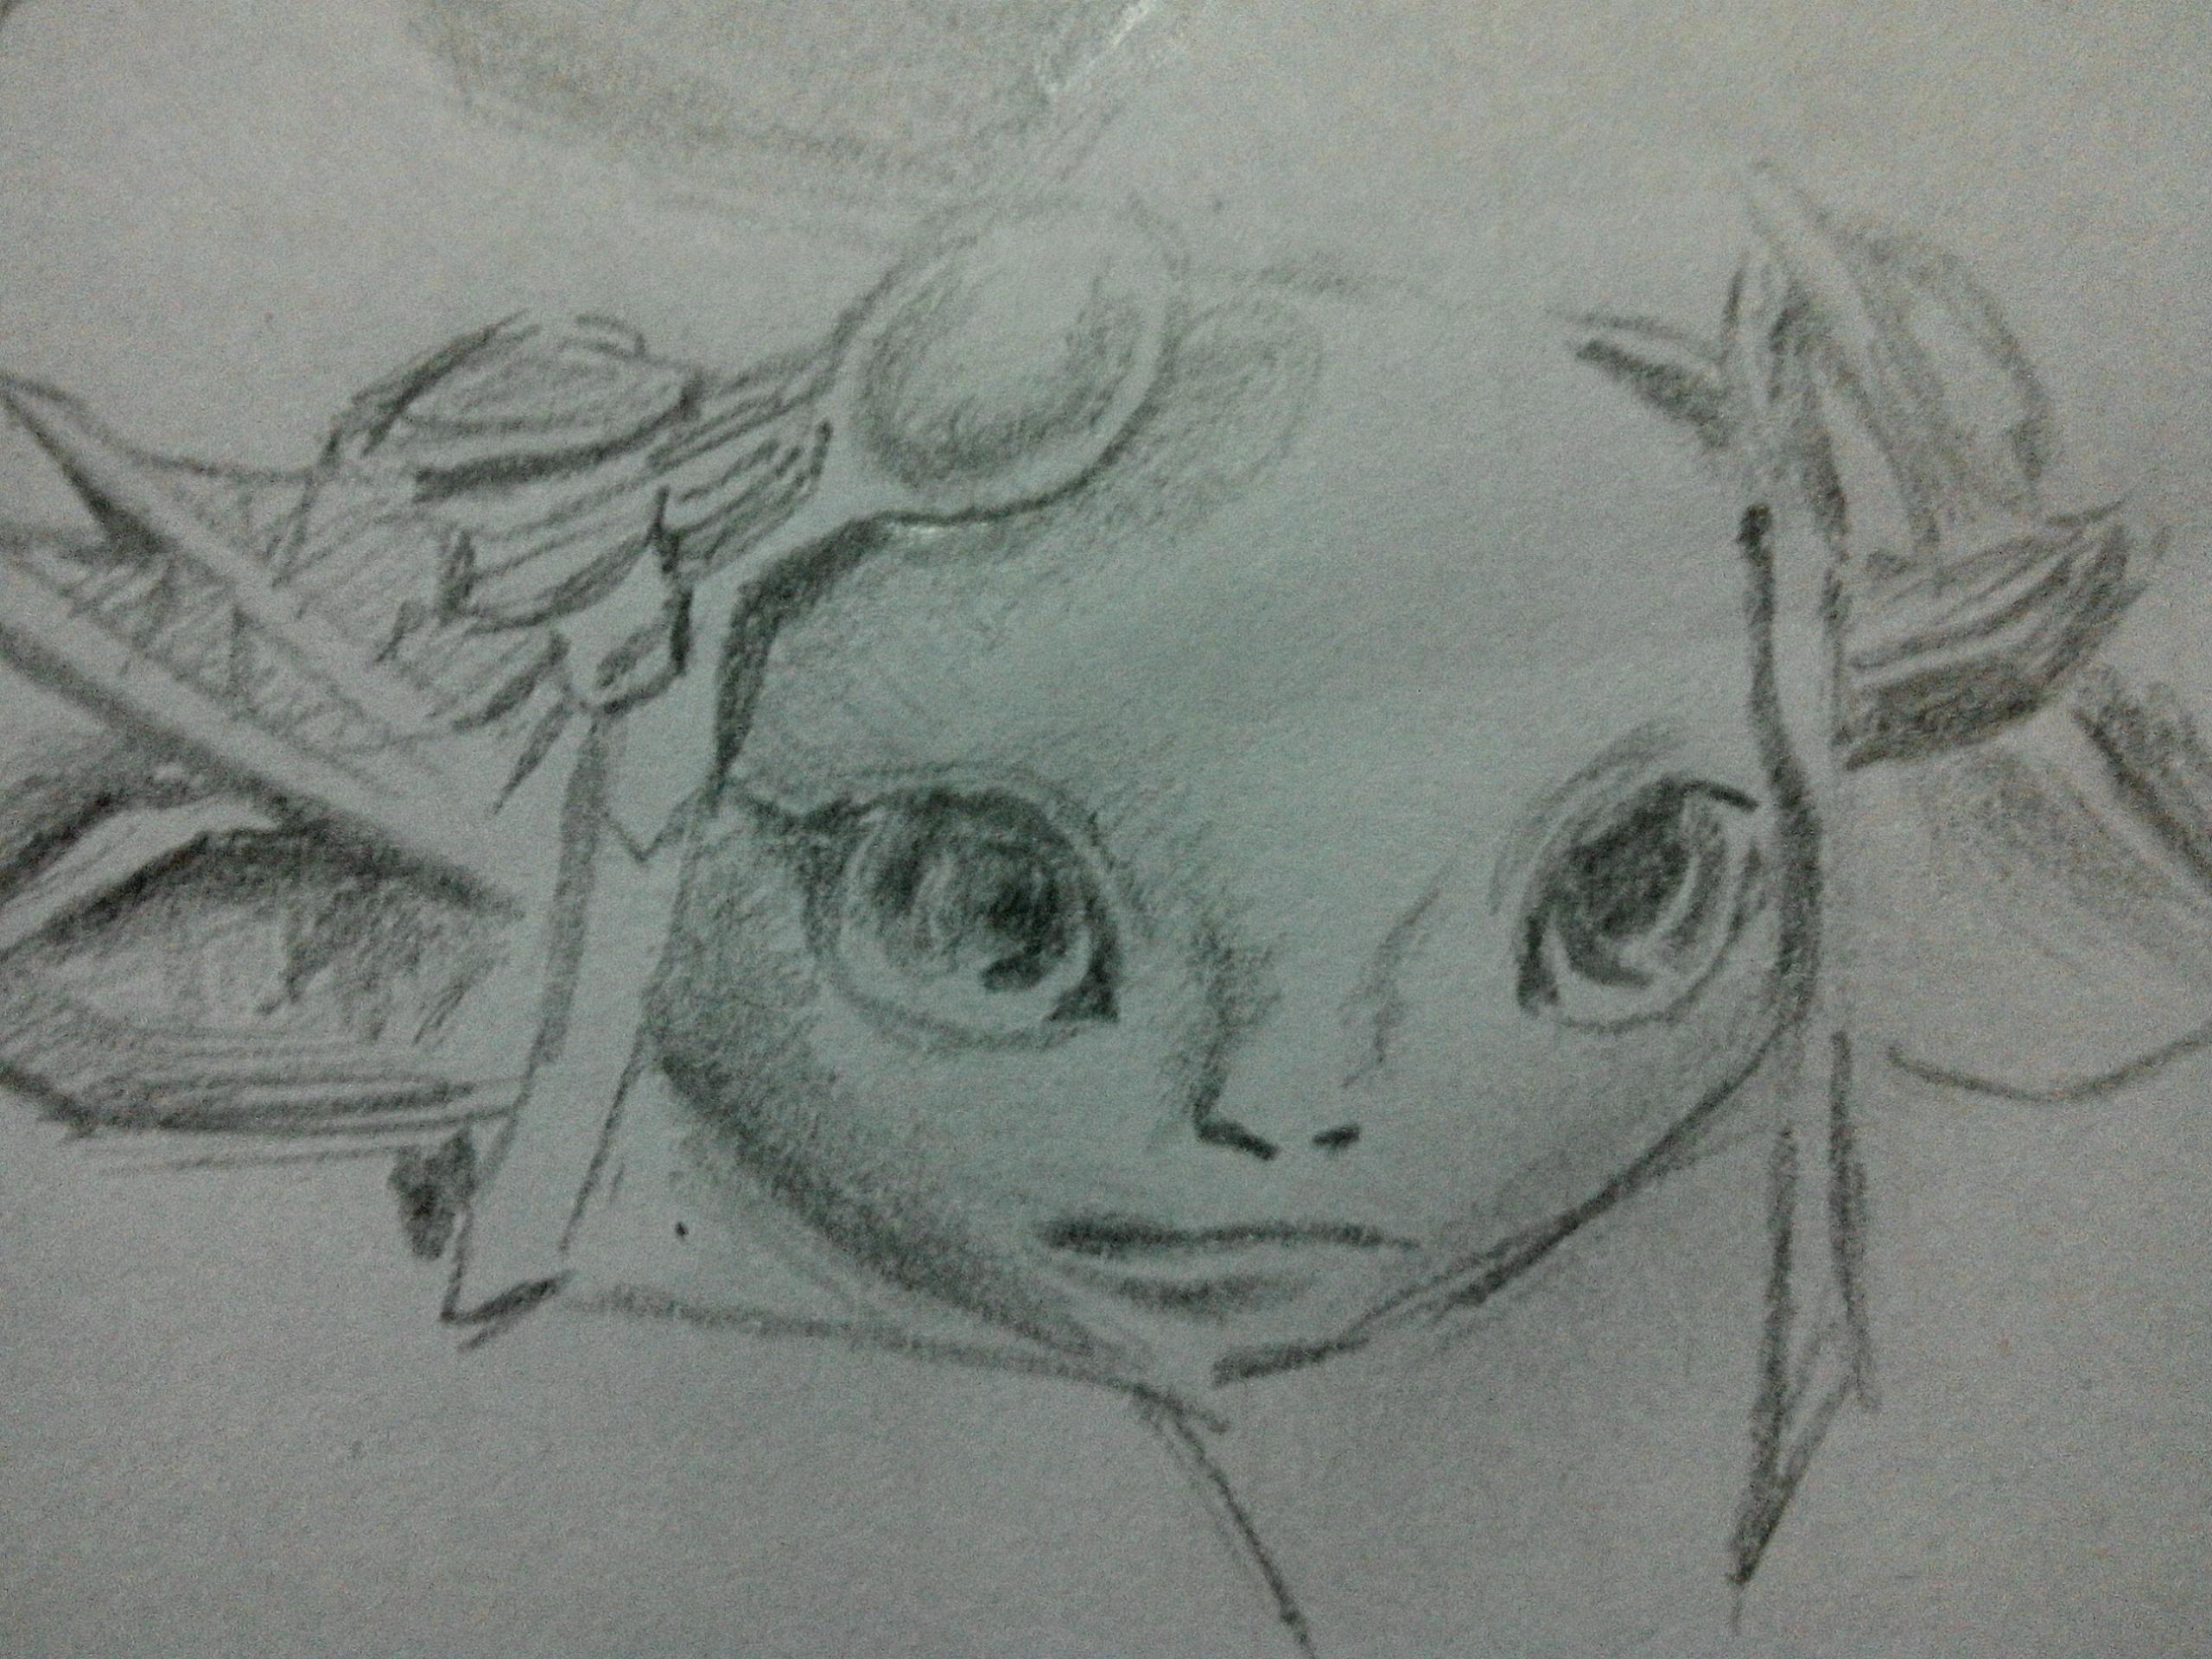 阿苏拉铅笔手绘图